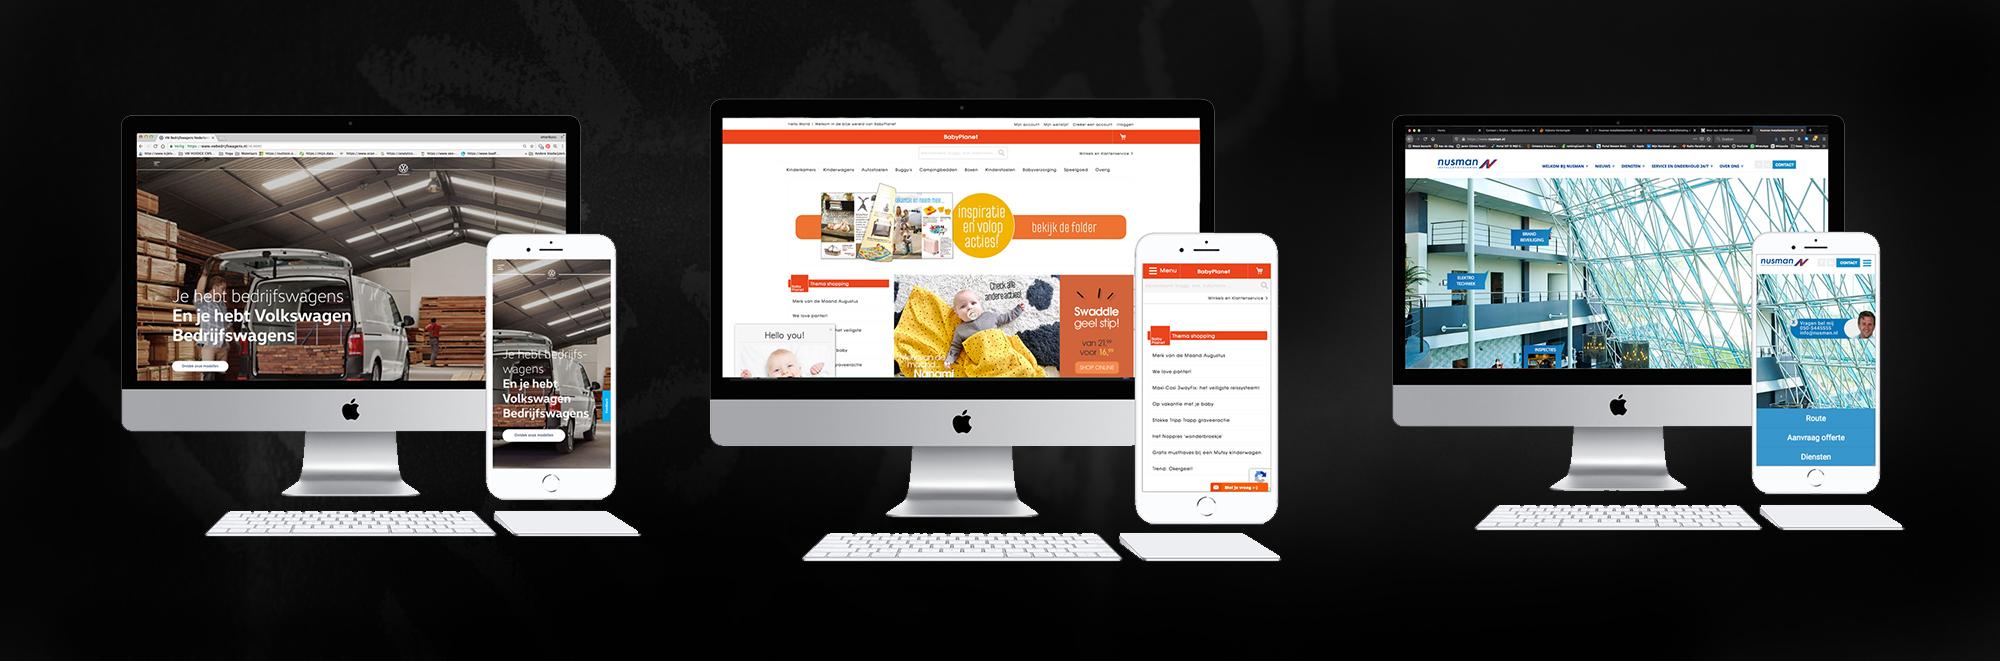 maat-website-laten-maken